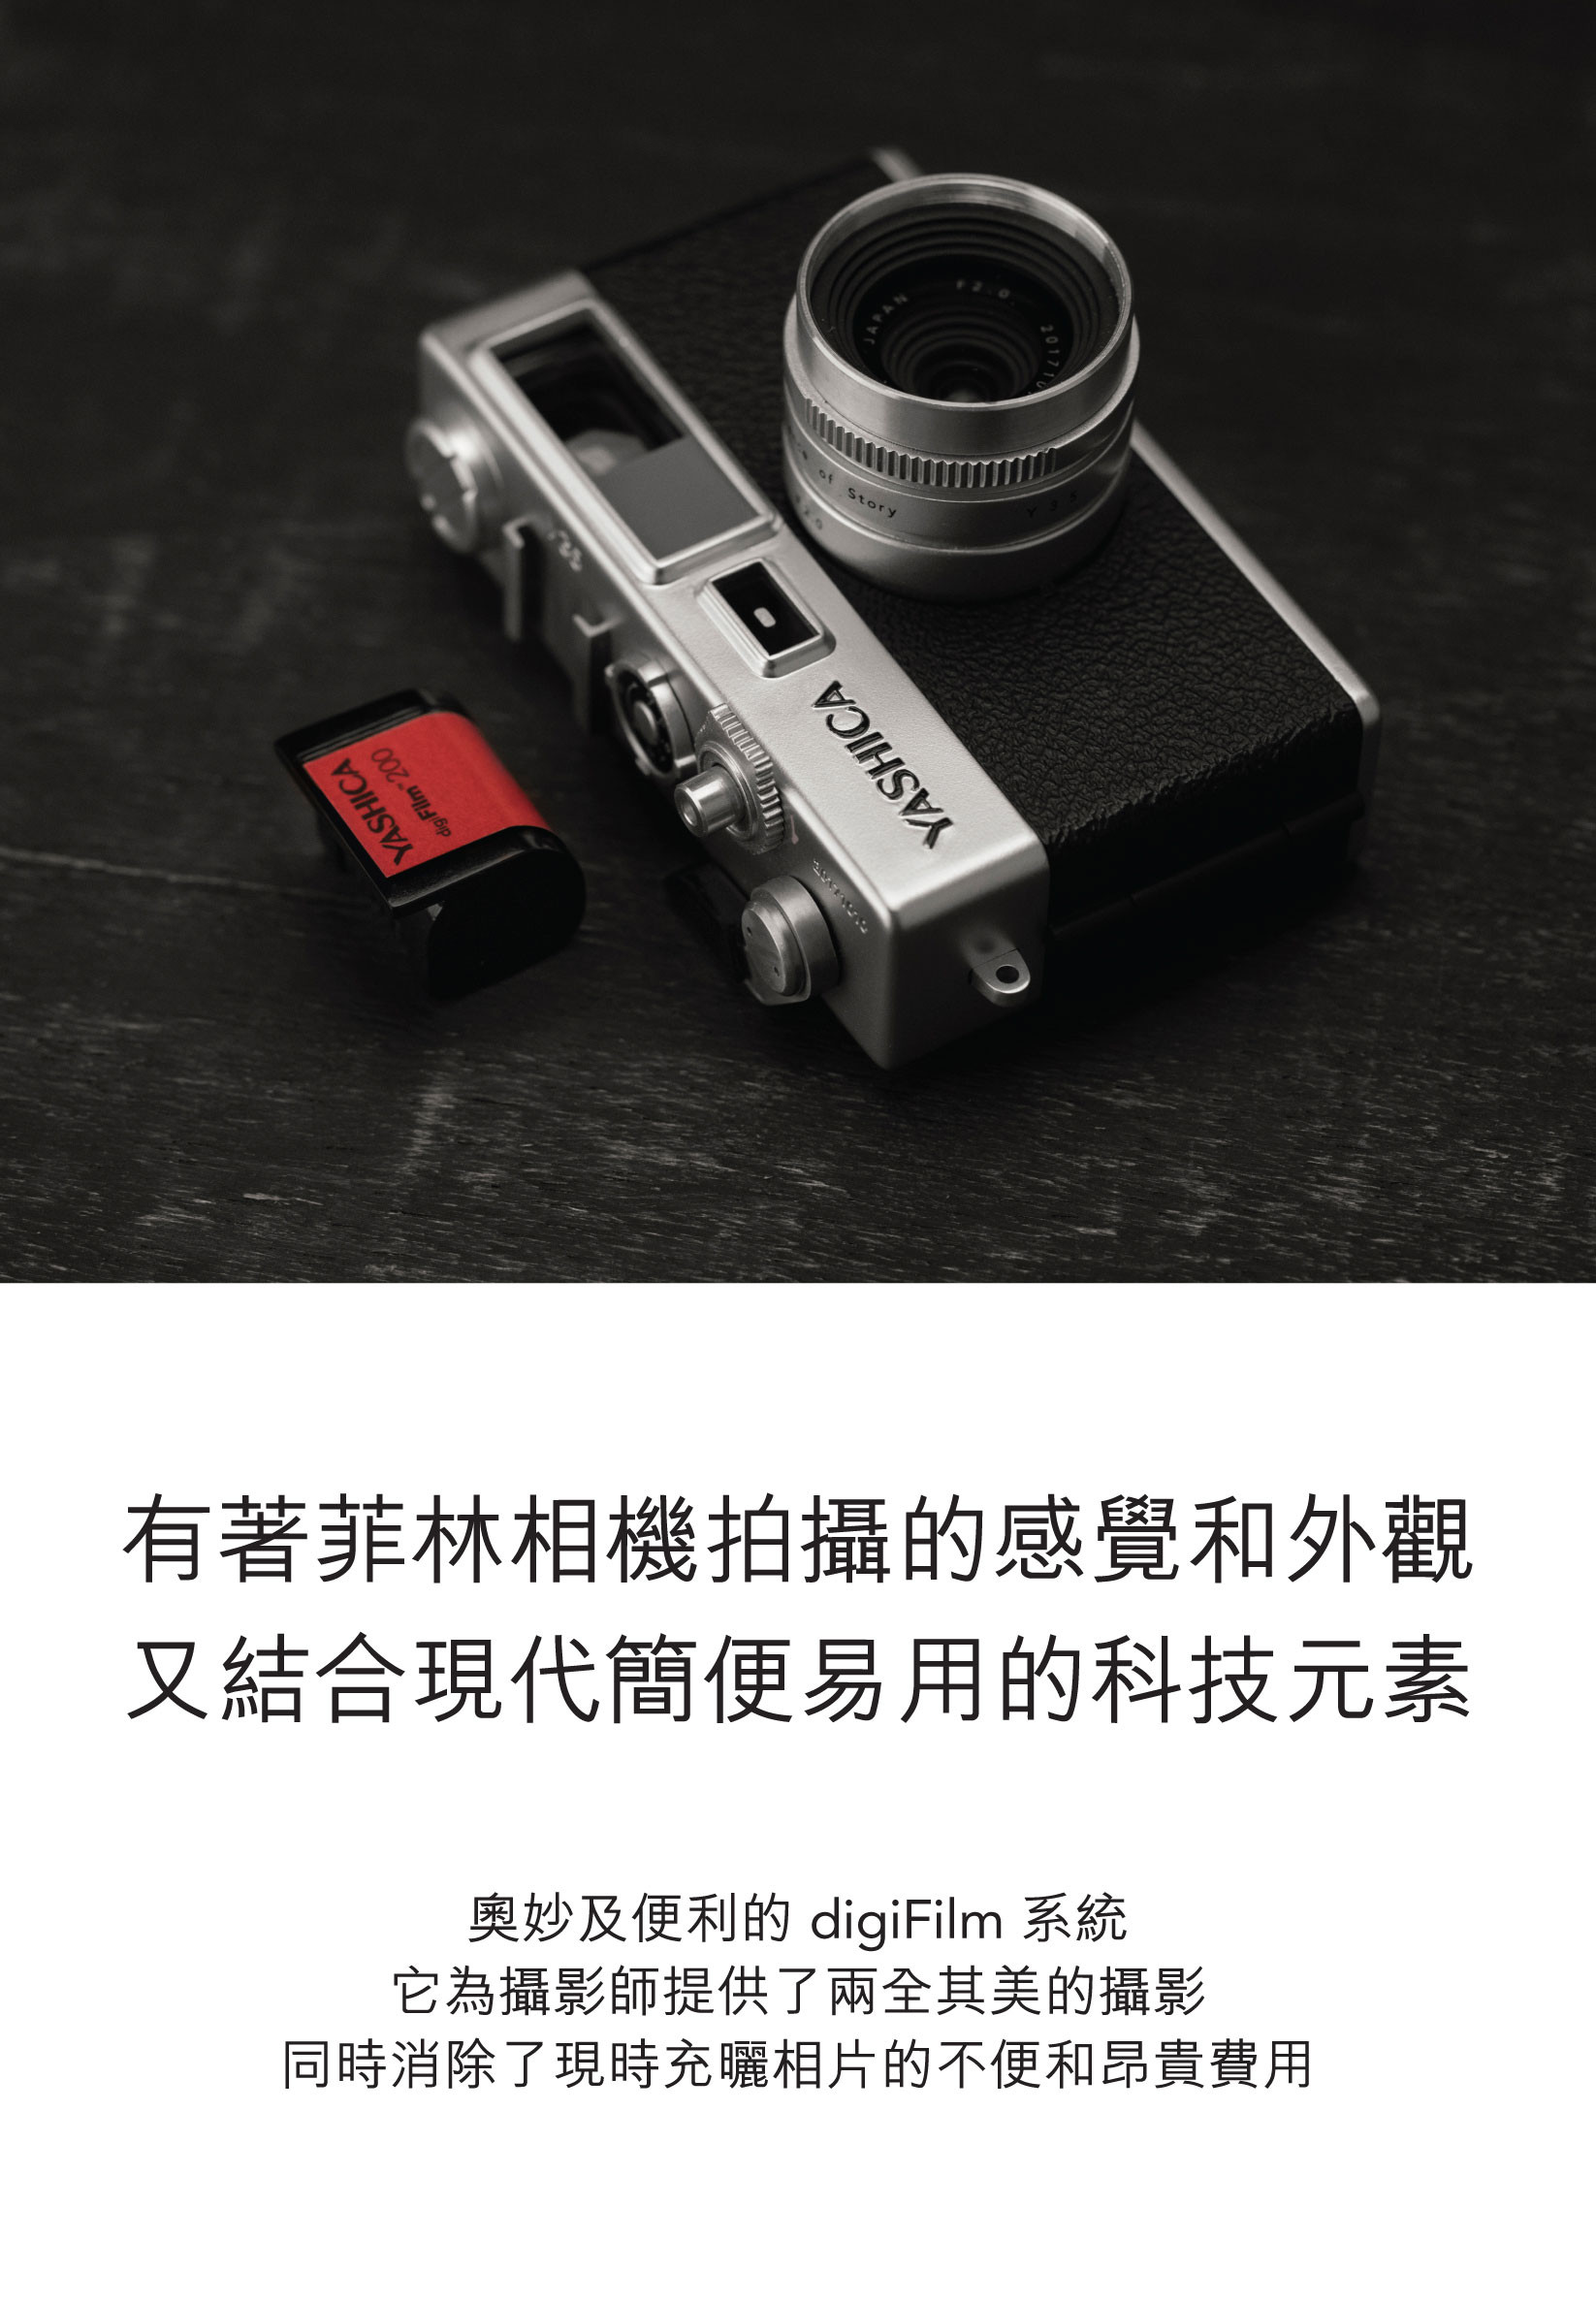 JD-Y35-HK_part-1-11.jpg